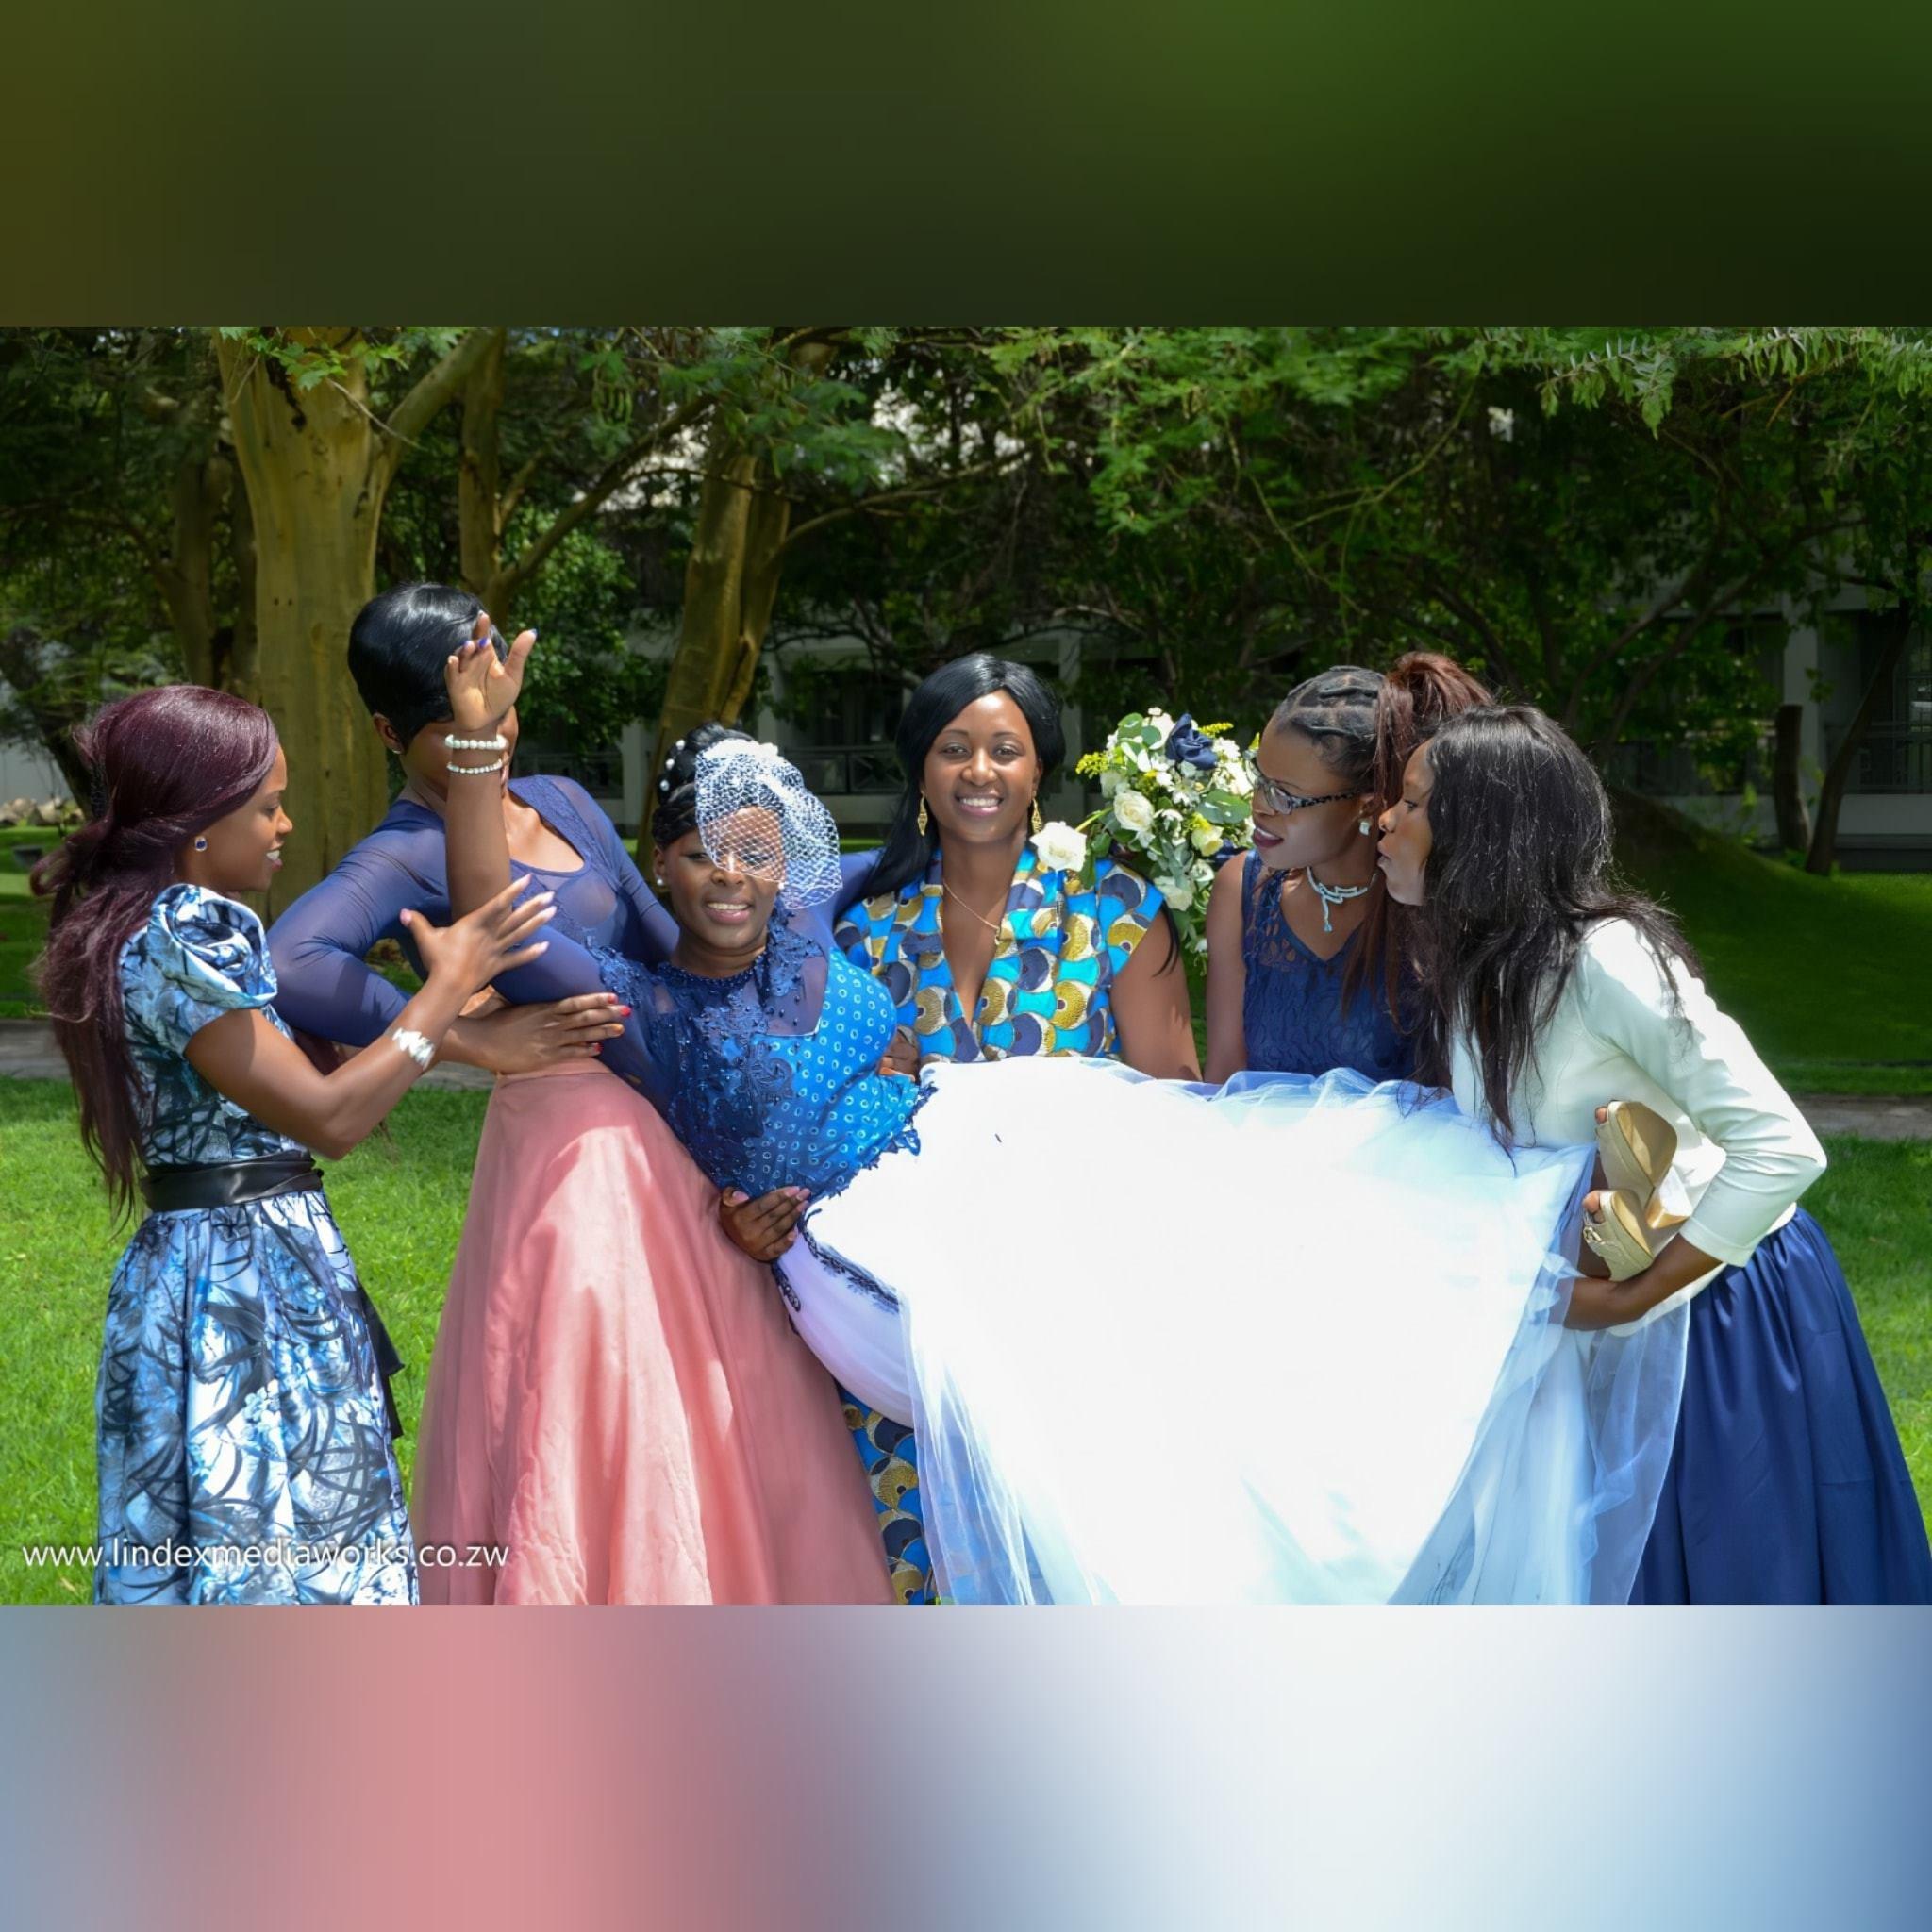 Vestido de noiva tradicional africano moderno 6 vestido de noiva tradicional africano moderno criado para o dia especial da minha cliente. Com corpete tradicional em estampado azul detalhado com rendas, miçangas e pérolas. Fundo em tule branco com um toque de detalhe de renda azul. Com decote de ilusão e mangas. E um véu capacete vintage. #vestidodecasamento #casamentotradicional #tradiçãoafricana #noivatradicional #vestidodenoivaafricano #paixaopormoda